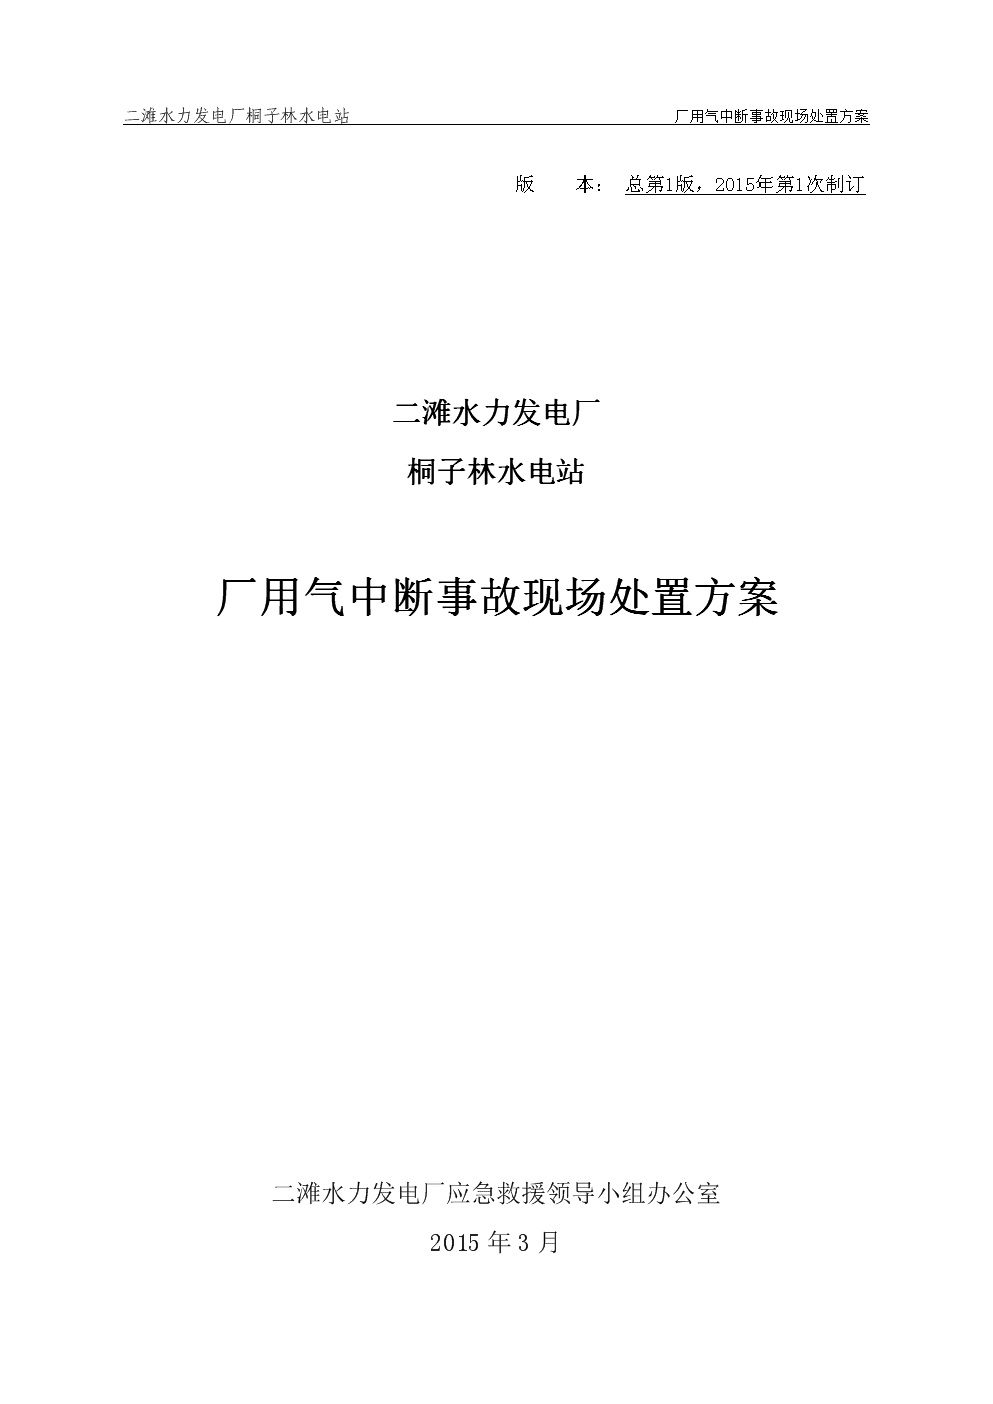 07-桐子林水电站厂用气中断事故现场处置方案.docx